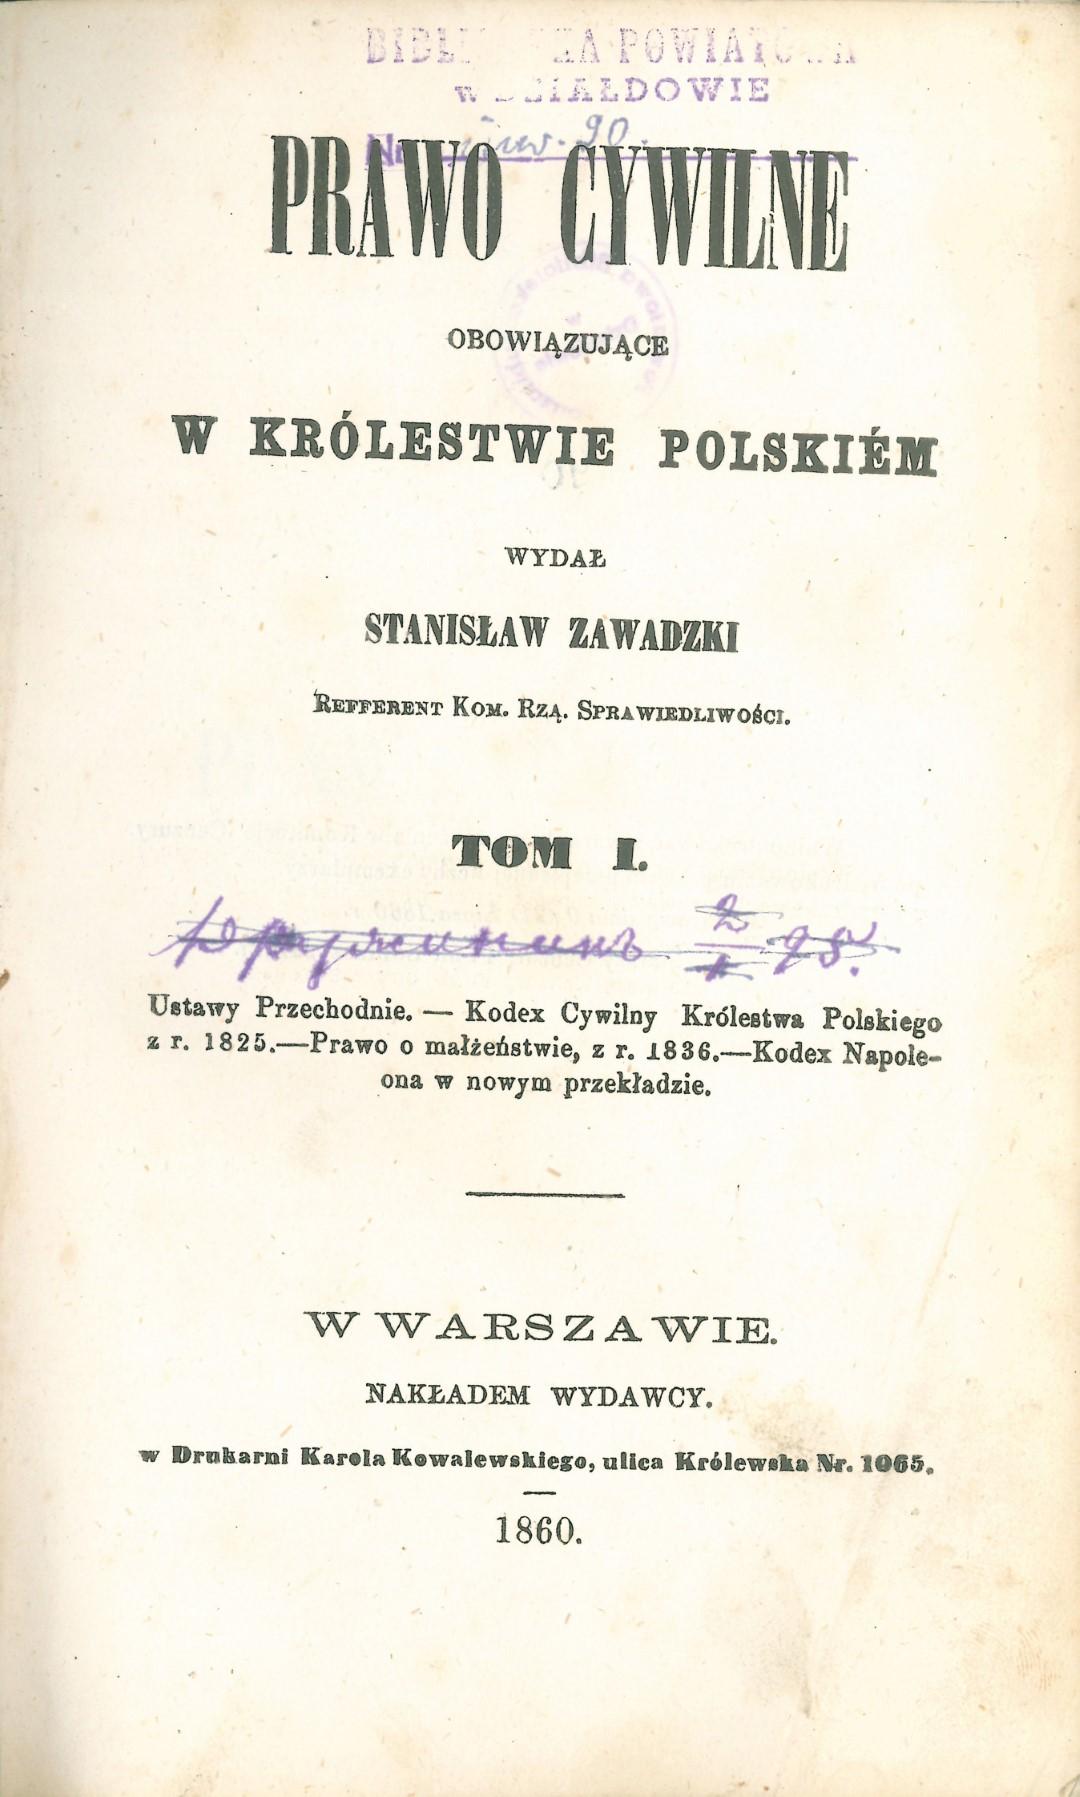 """strona tytyłowa najstarszej książki w naszej bibliotece z 1860r., """"Prawo cywilne obowiązujące w królestwie polskiem"""""""